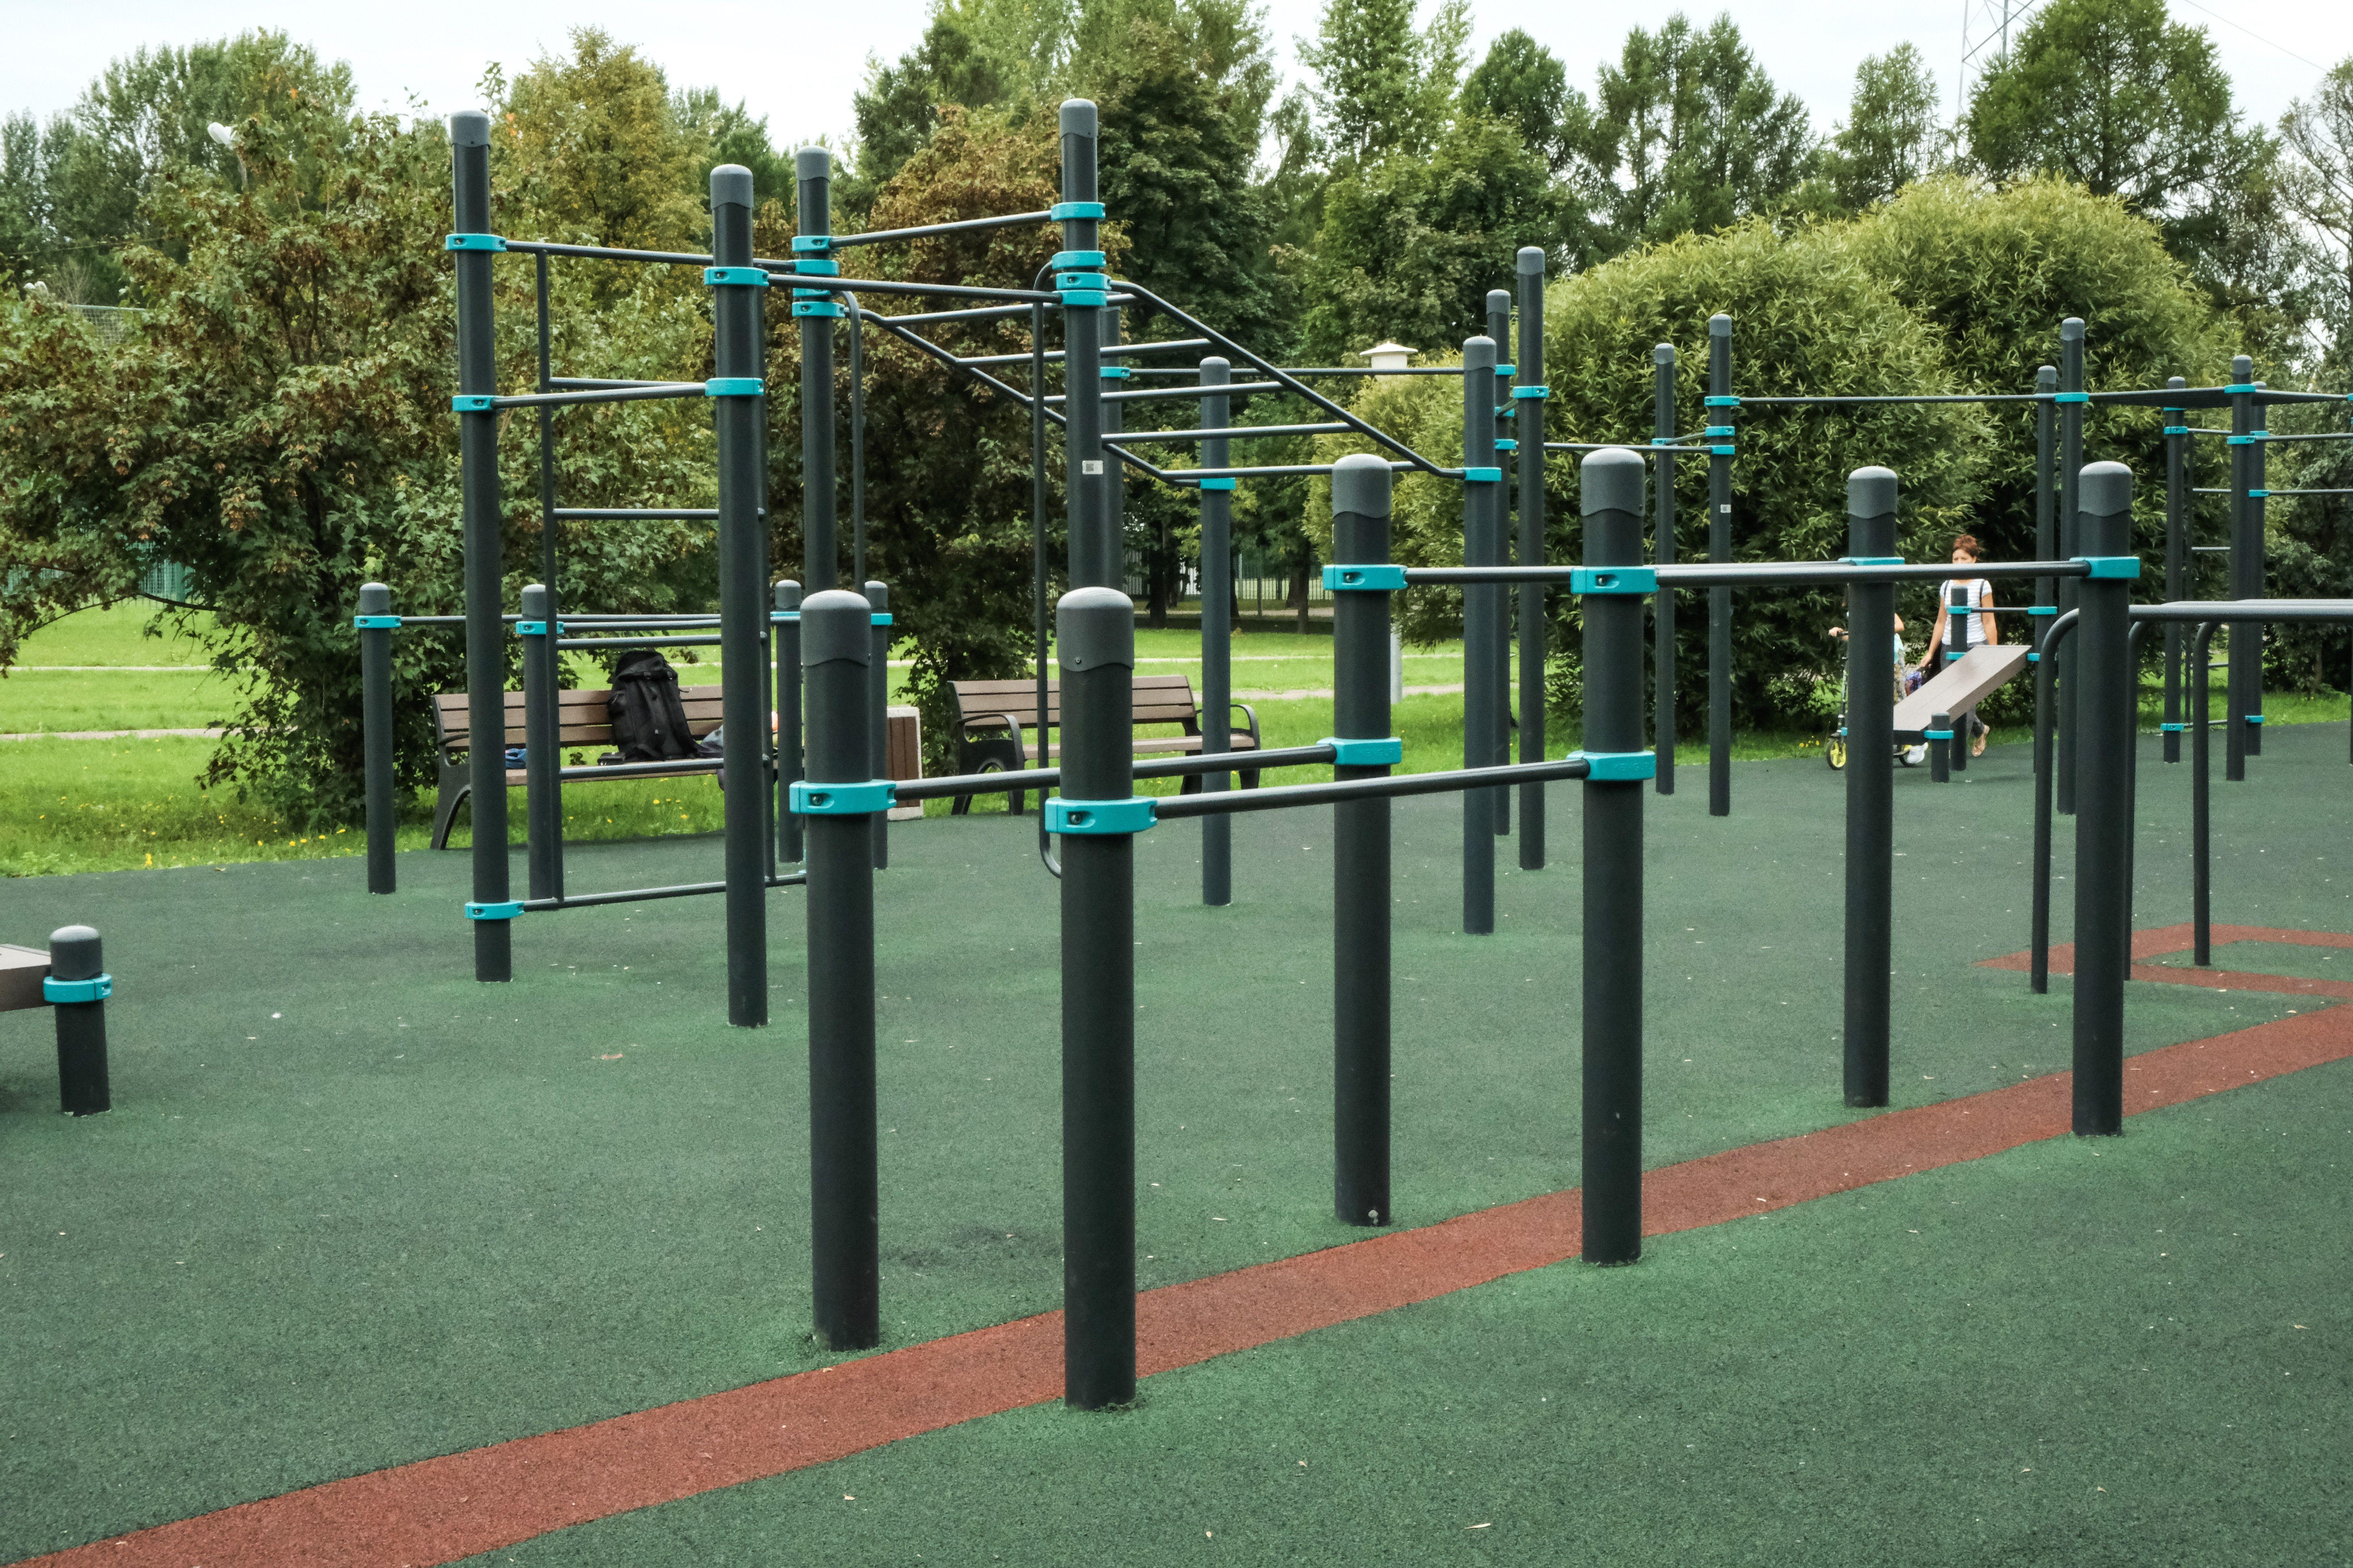 Street Workout Park Equipment Calisthenics Street Workout Park Equipment